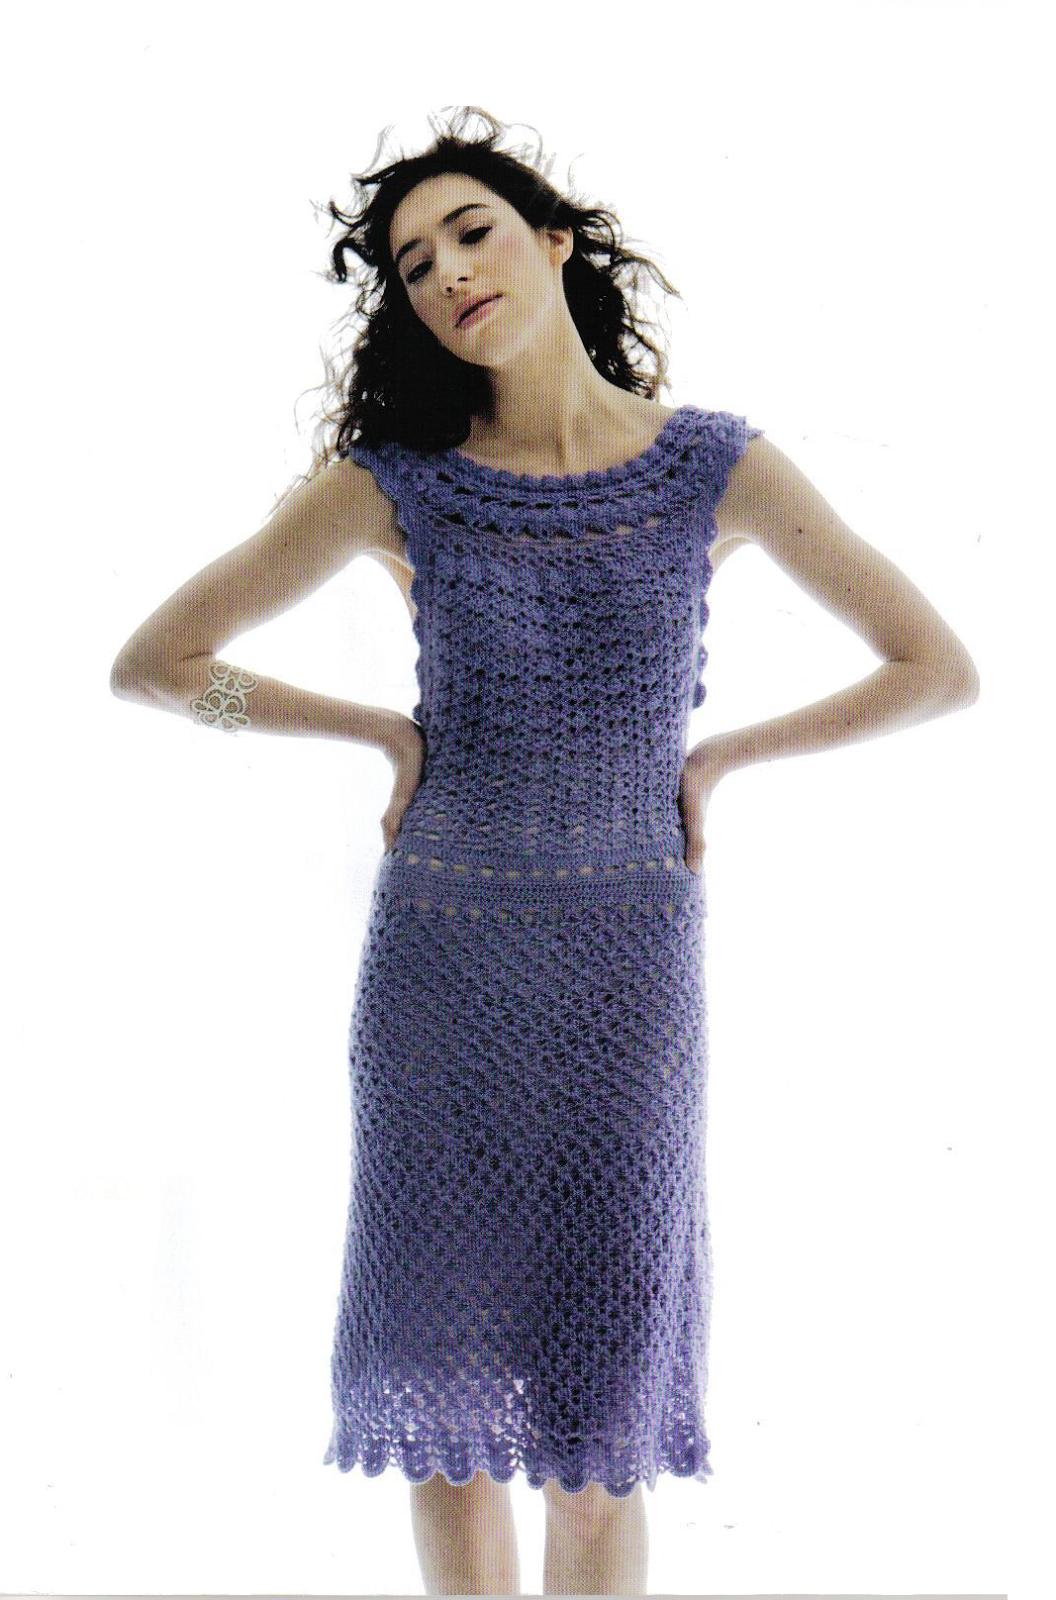 Ivelise Feito à Mão: Vestido Em Crochê